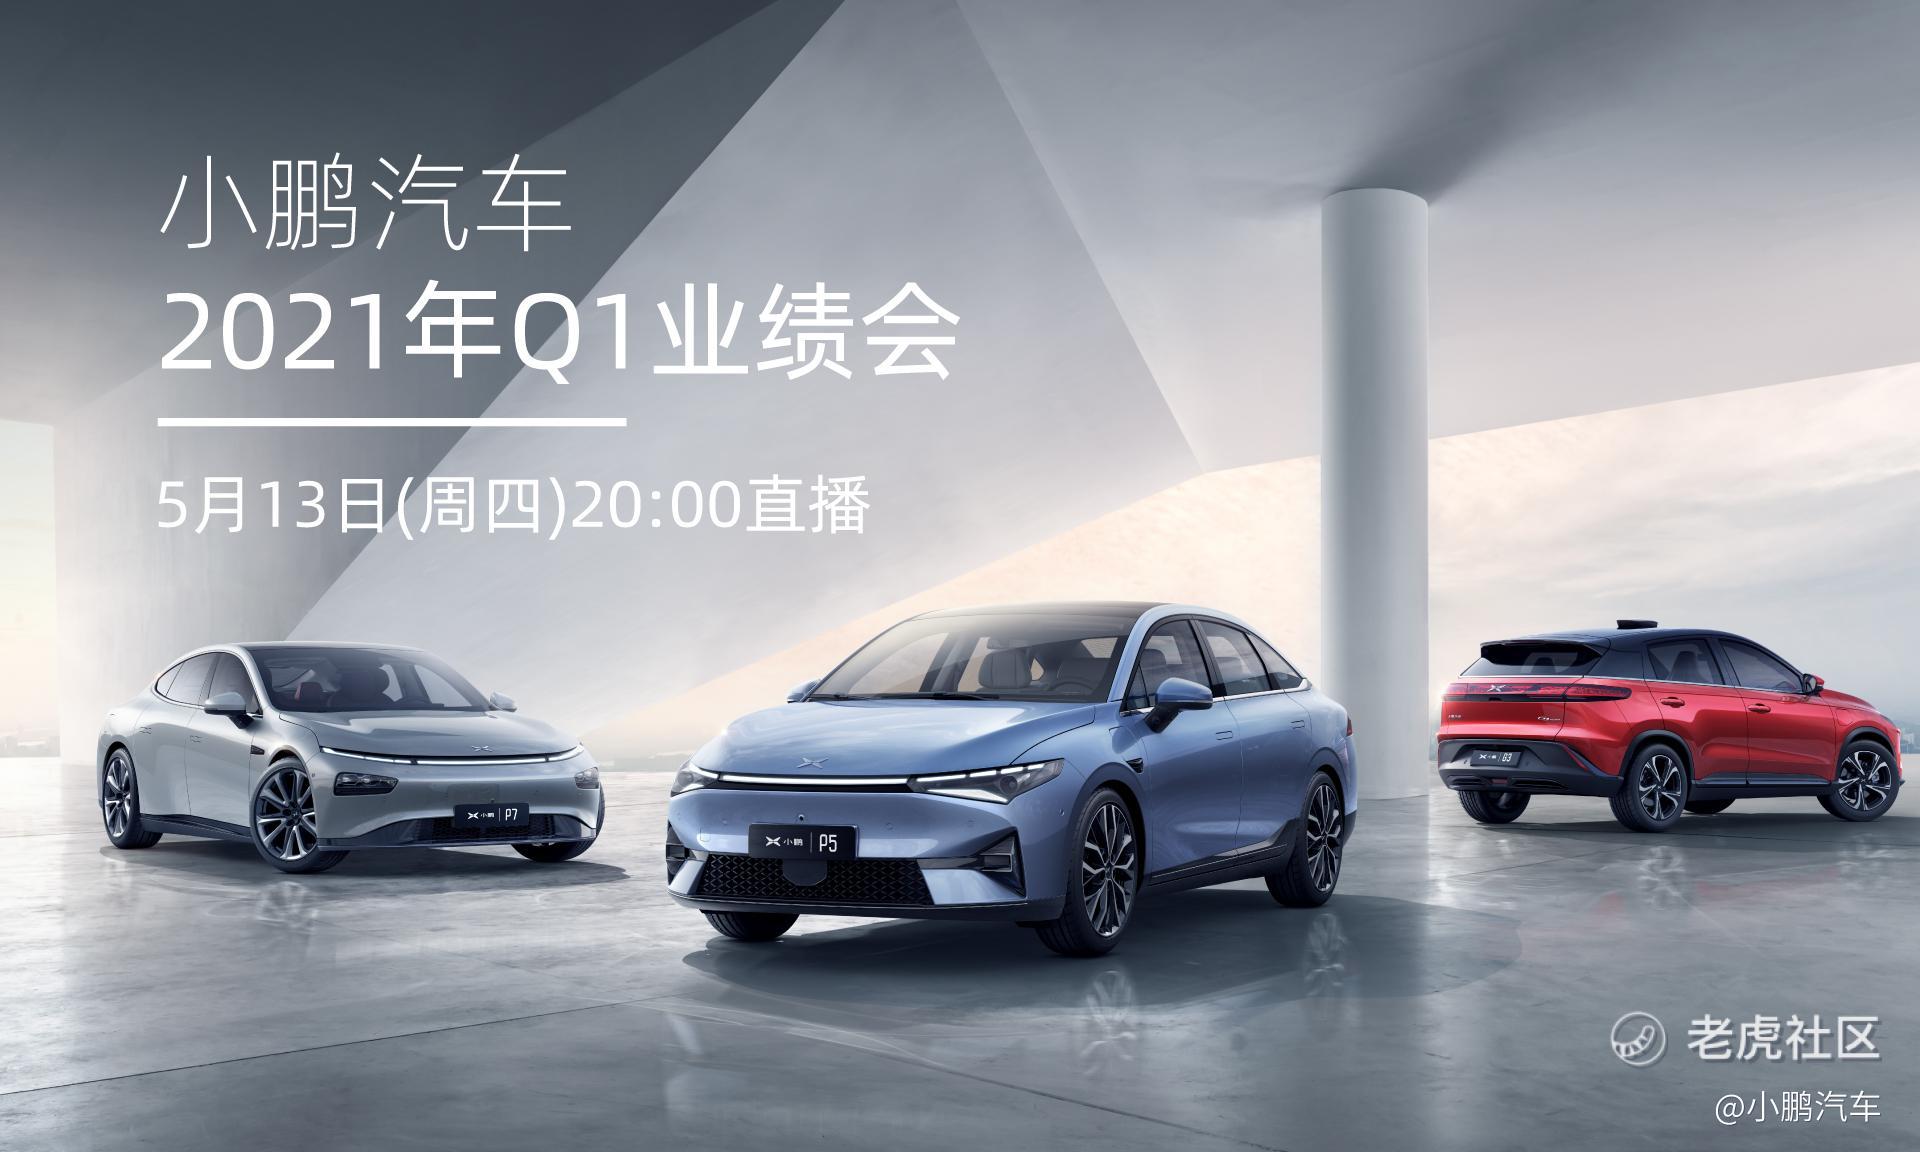 小鹏汽车Q1营收29.51亿元 较去年同期增长六倍